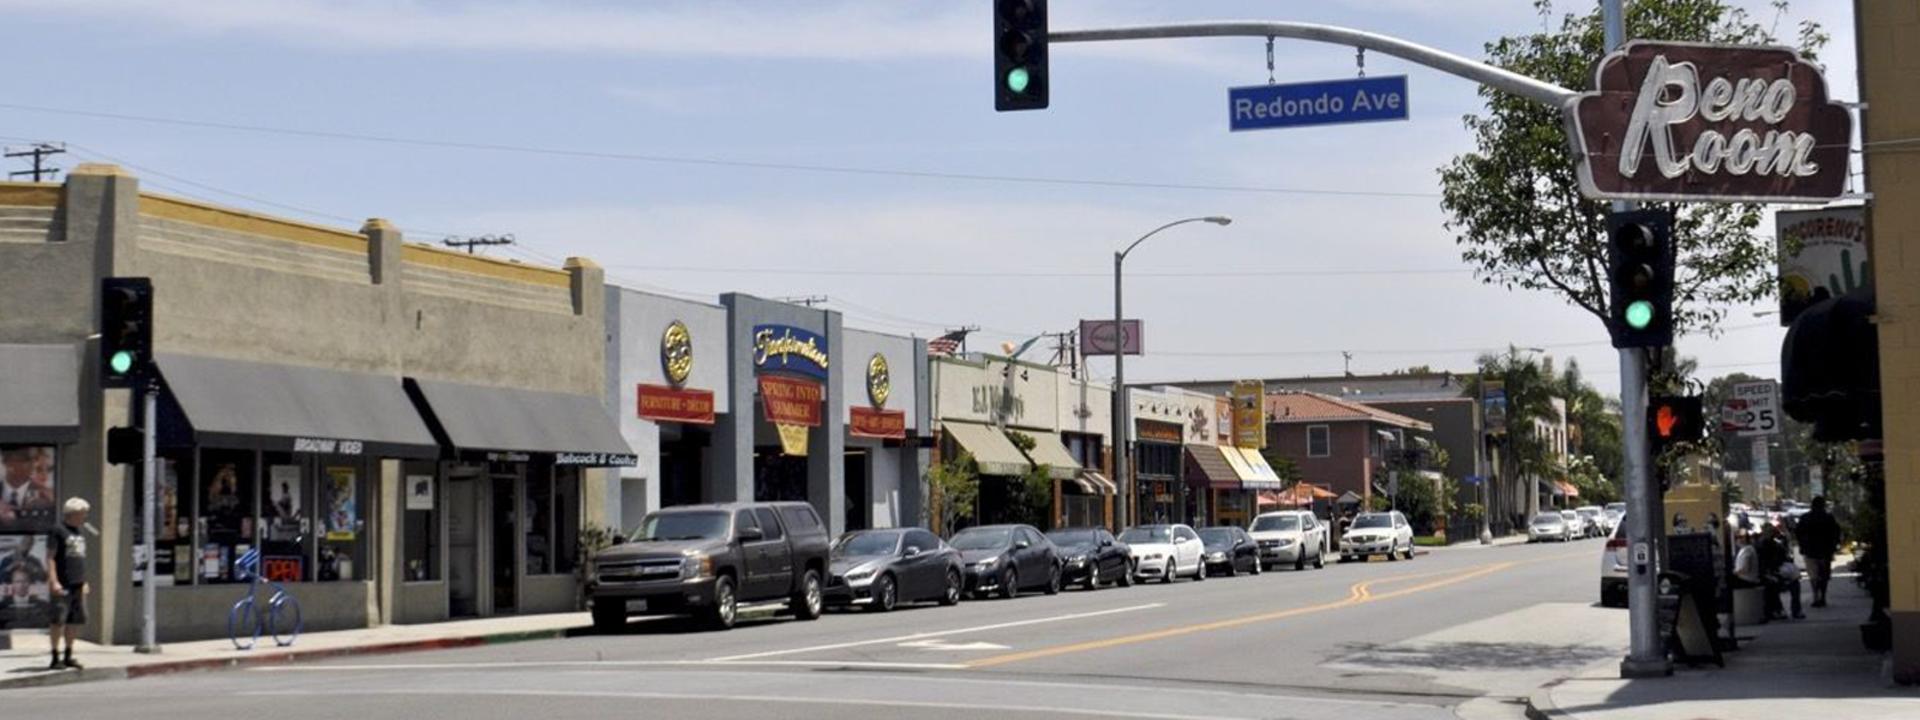 Belmont Heights, Long Beach